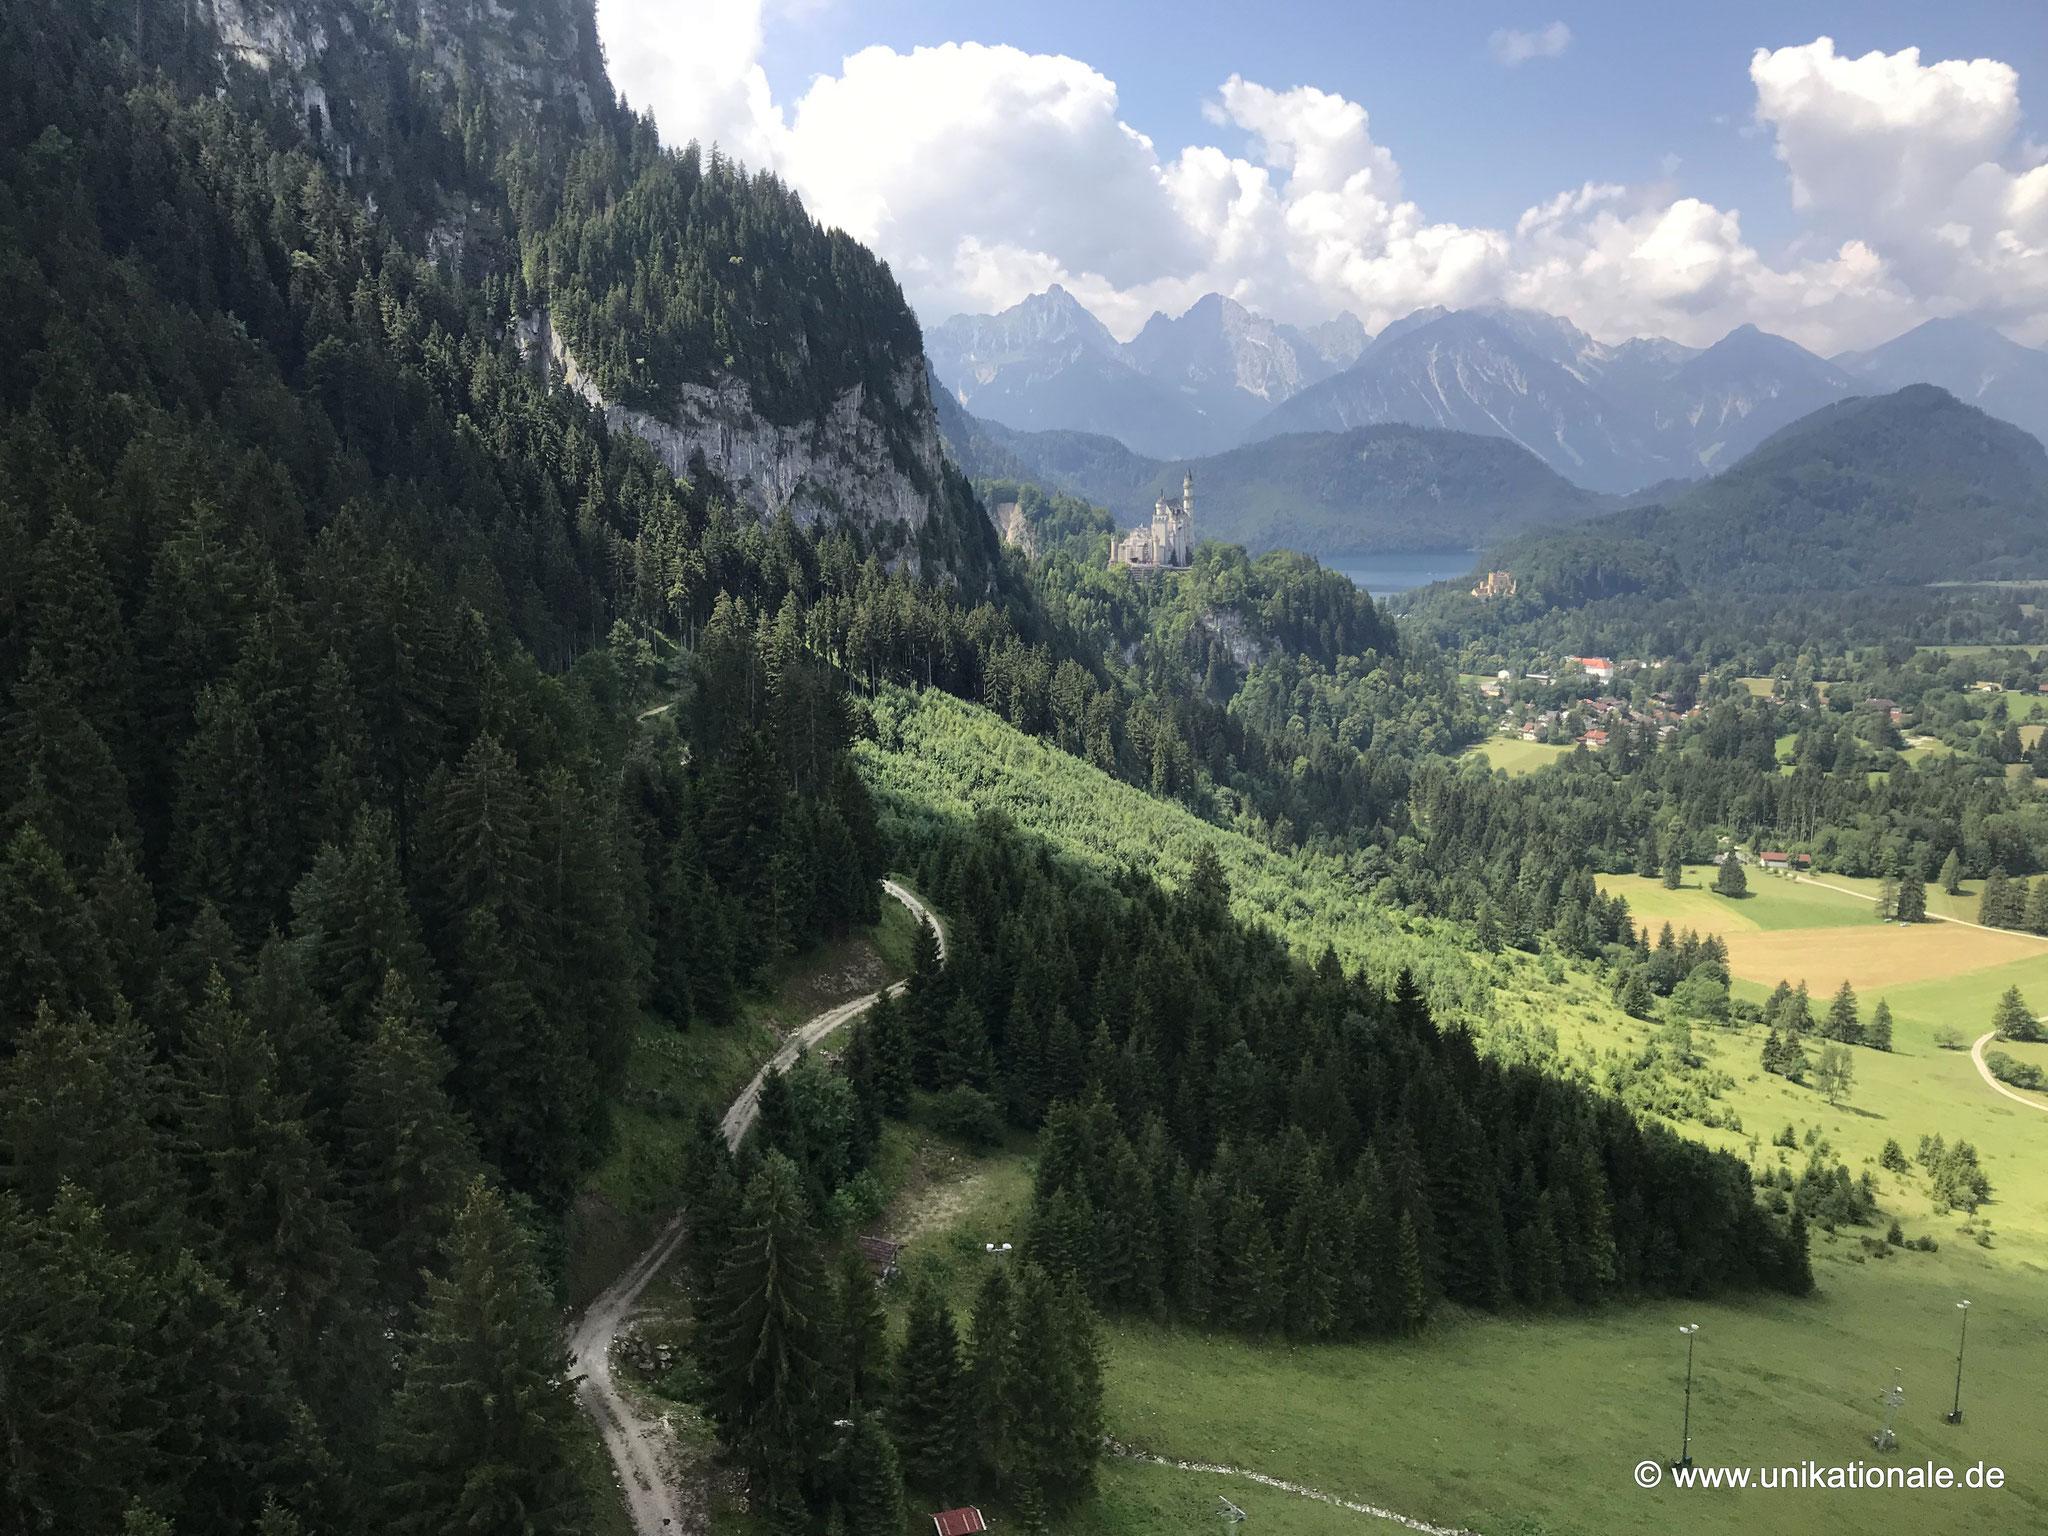 Neuschwanstein und Hohenschwangau von der Tegelbergbahn aus